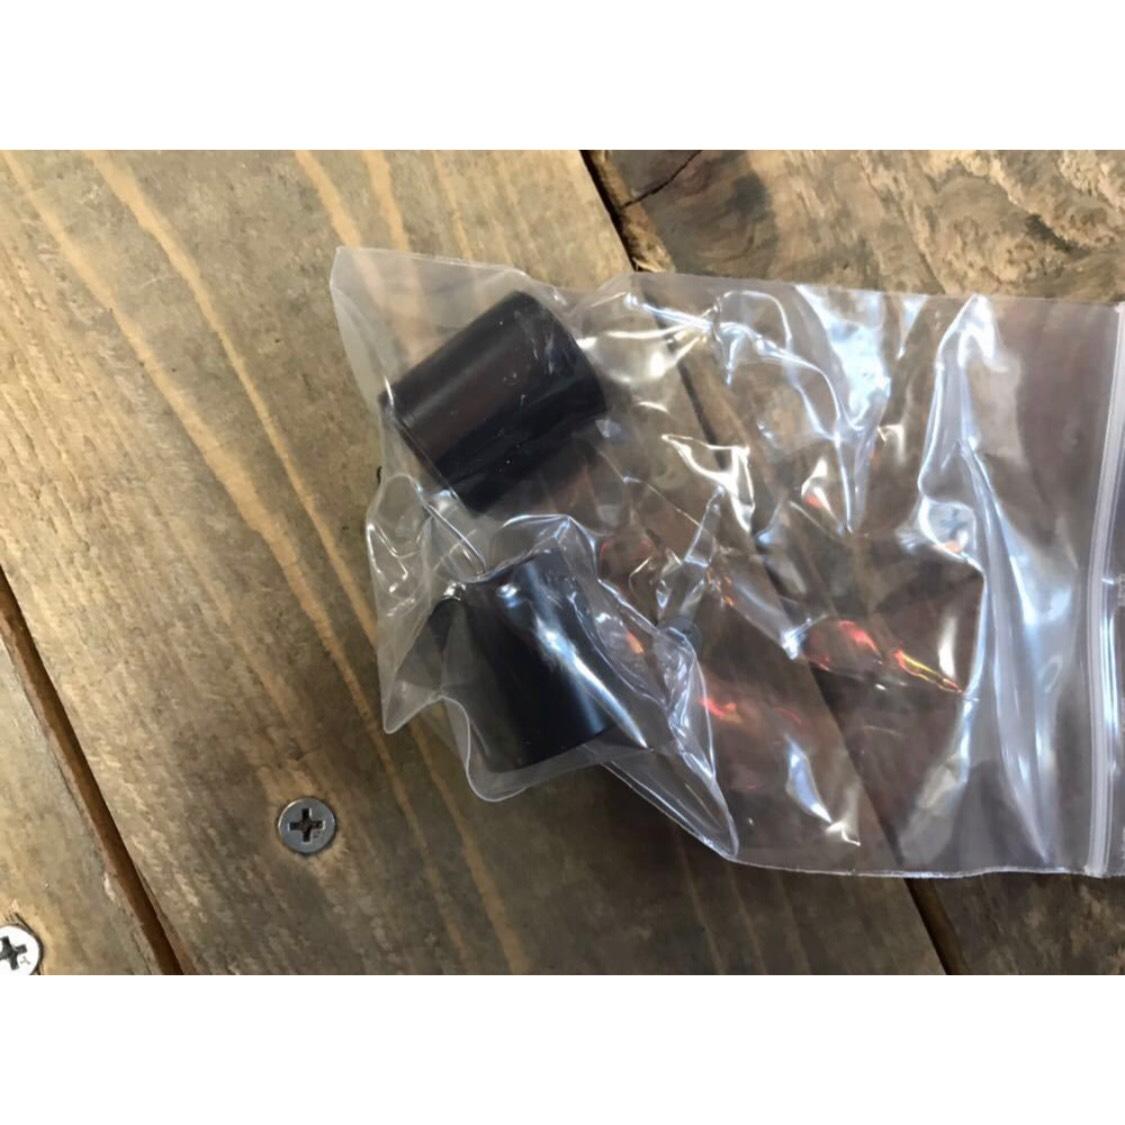 KTM POWER PARTS 390デューク 他適合多数 ローサスペンションキット(新品未使用開封のみ)